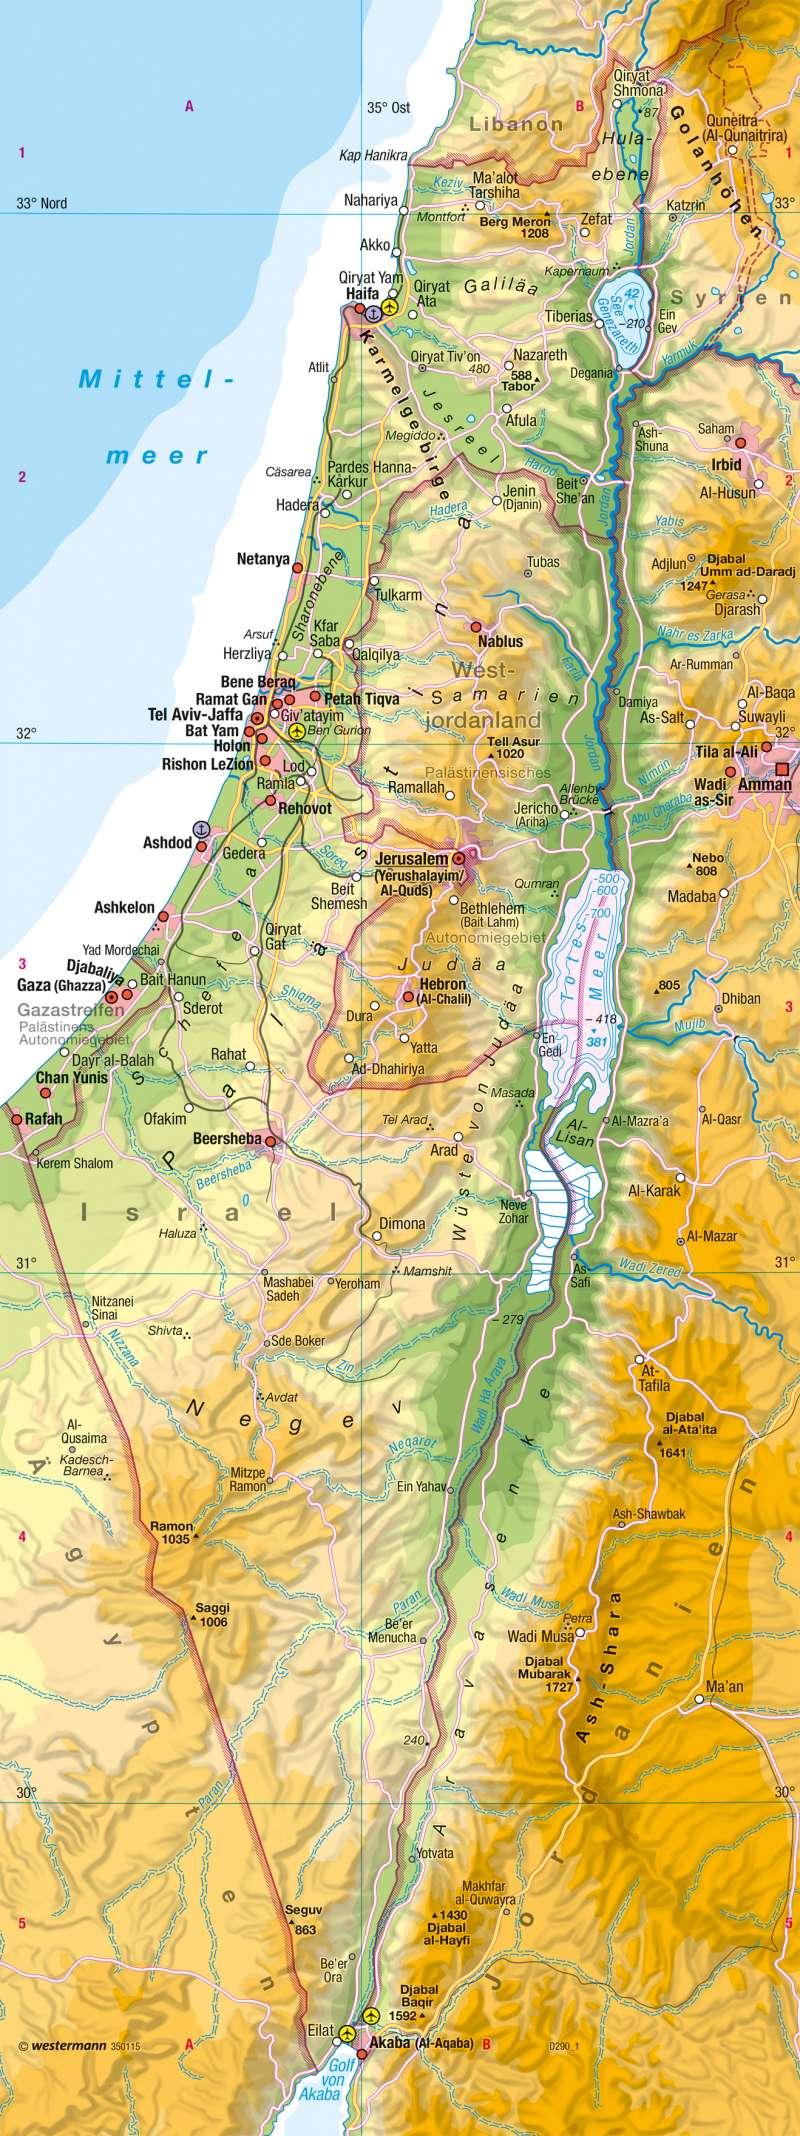 Israel Karte.Diercke Weltatlas Kartenansicht Naher Osten Israel Physische